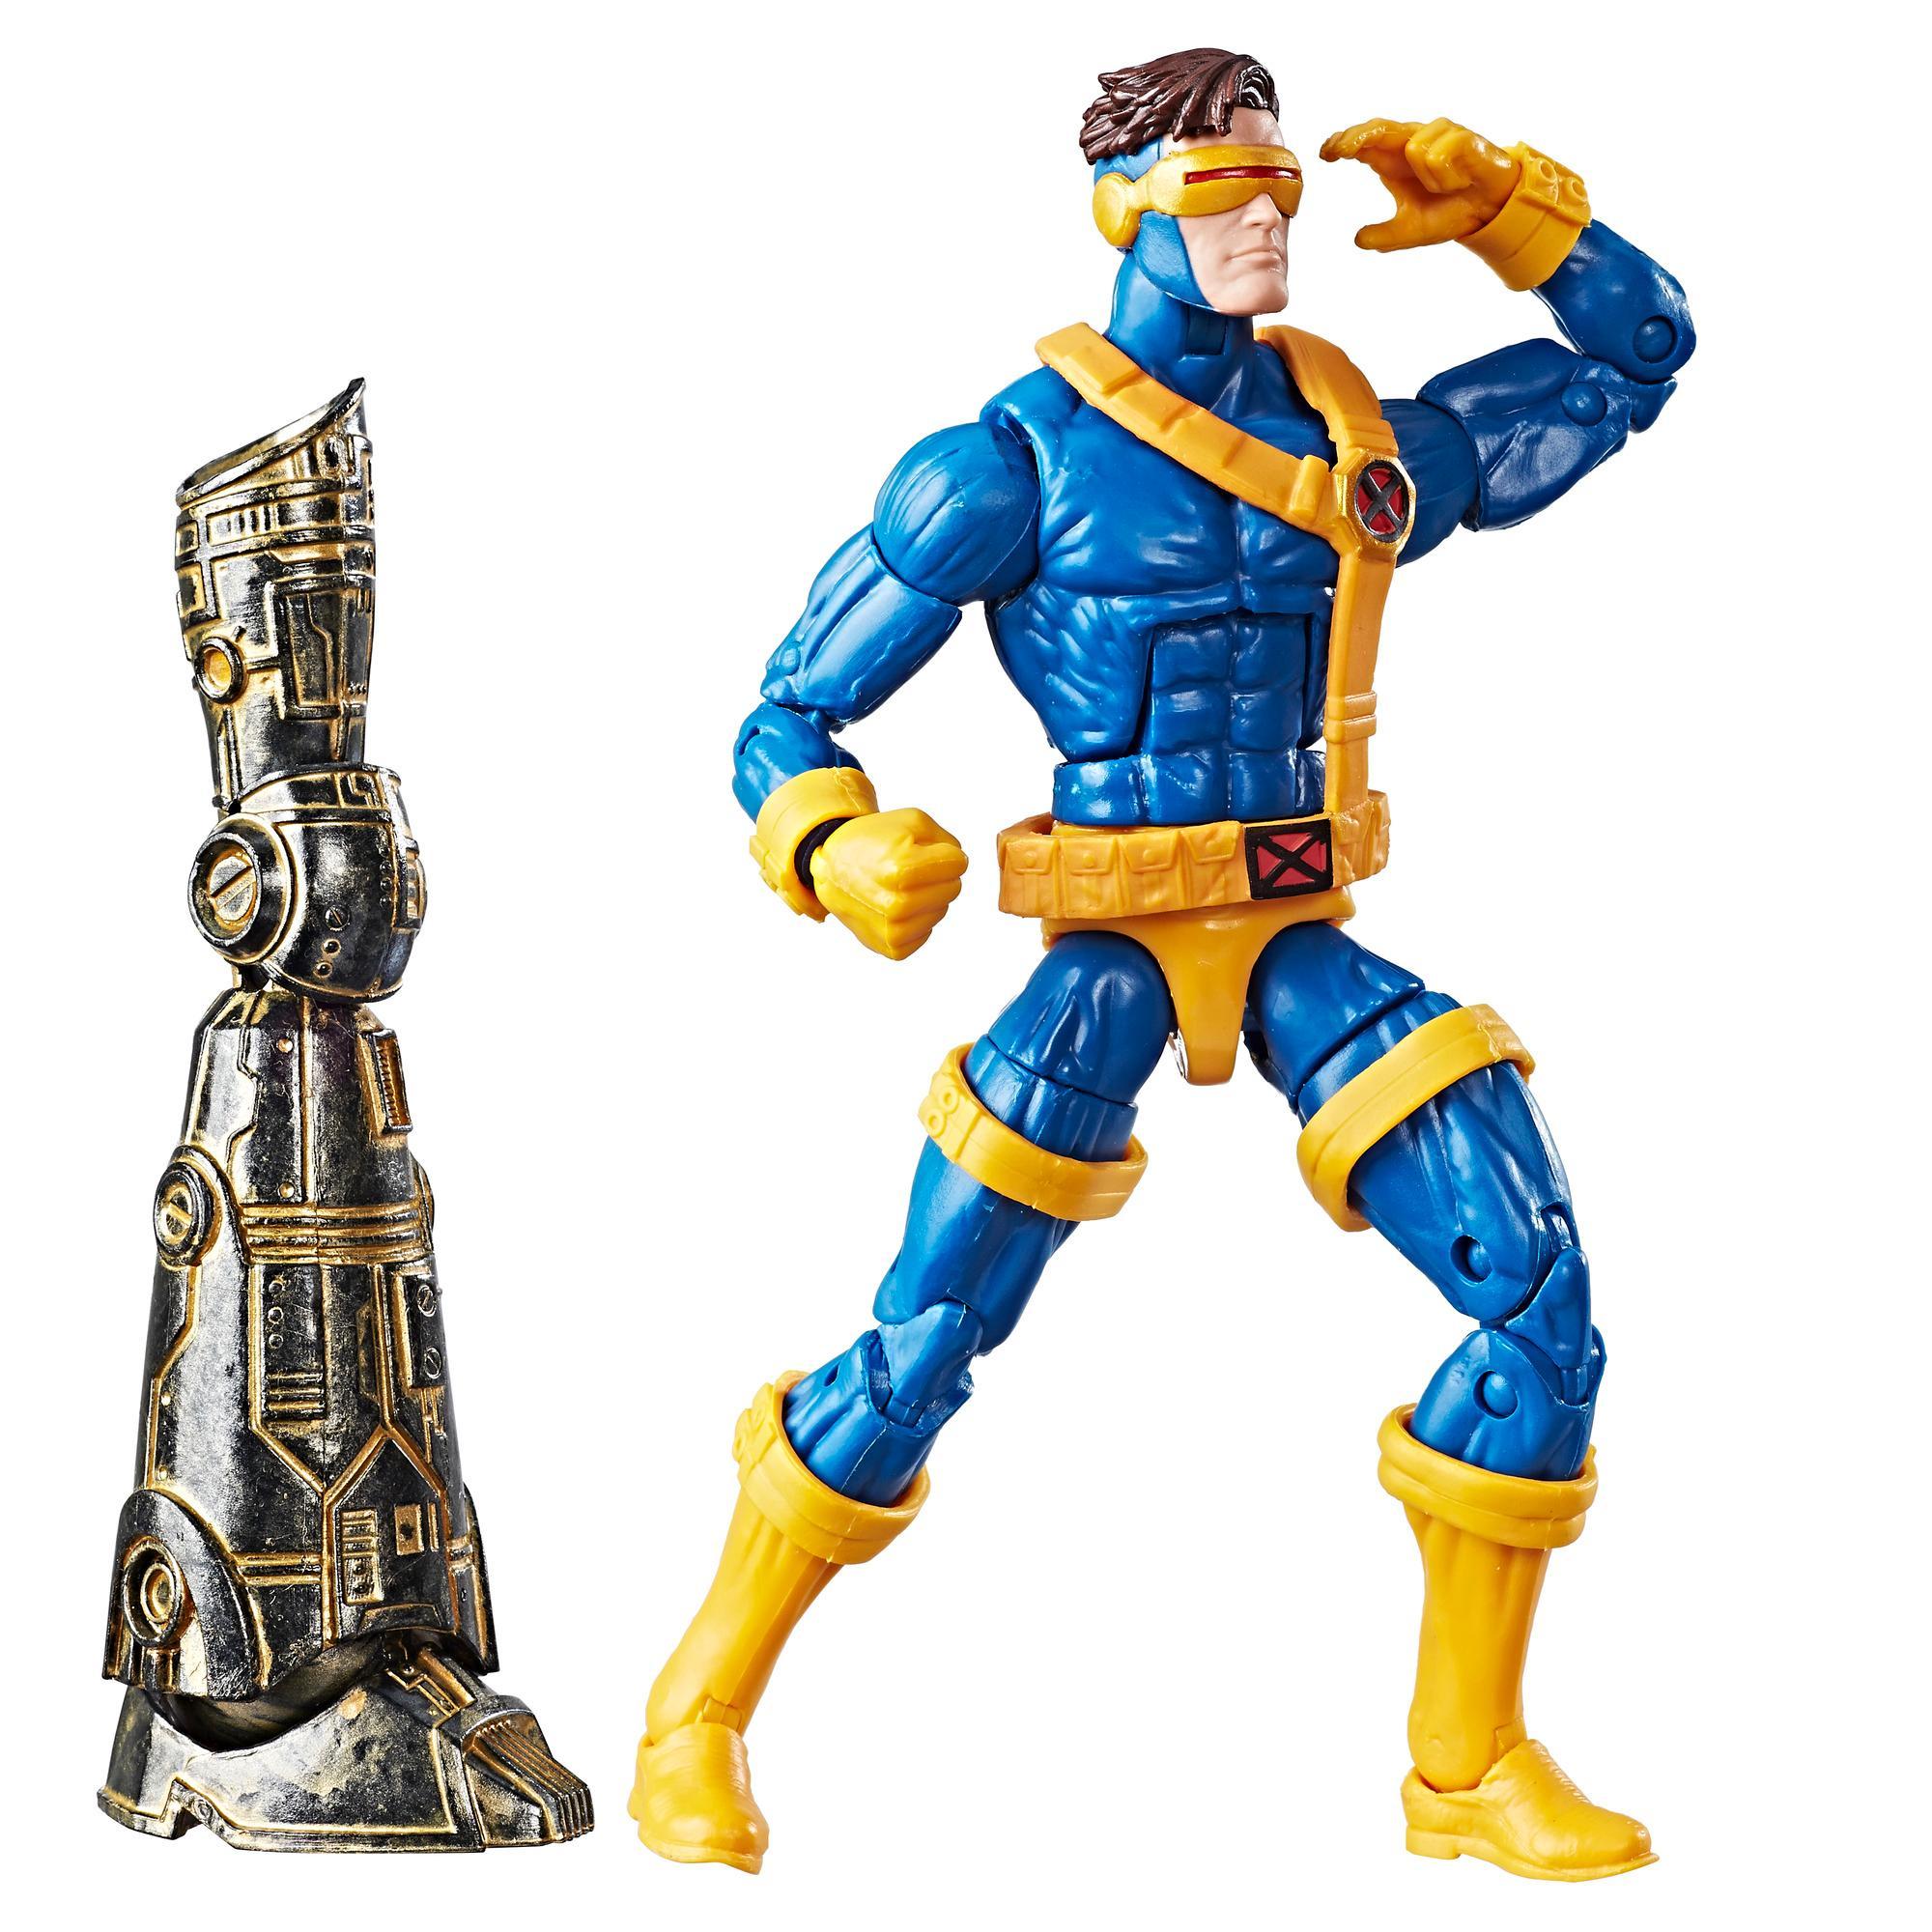 Marvel X-Men 6-Inch Legends Series Marvel's Cyclops